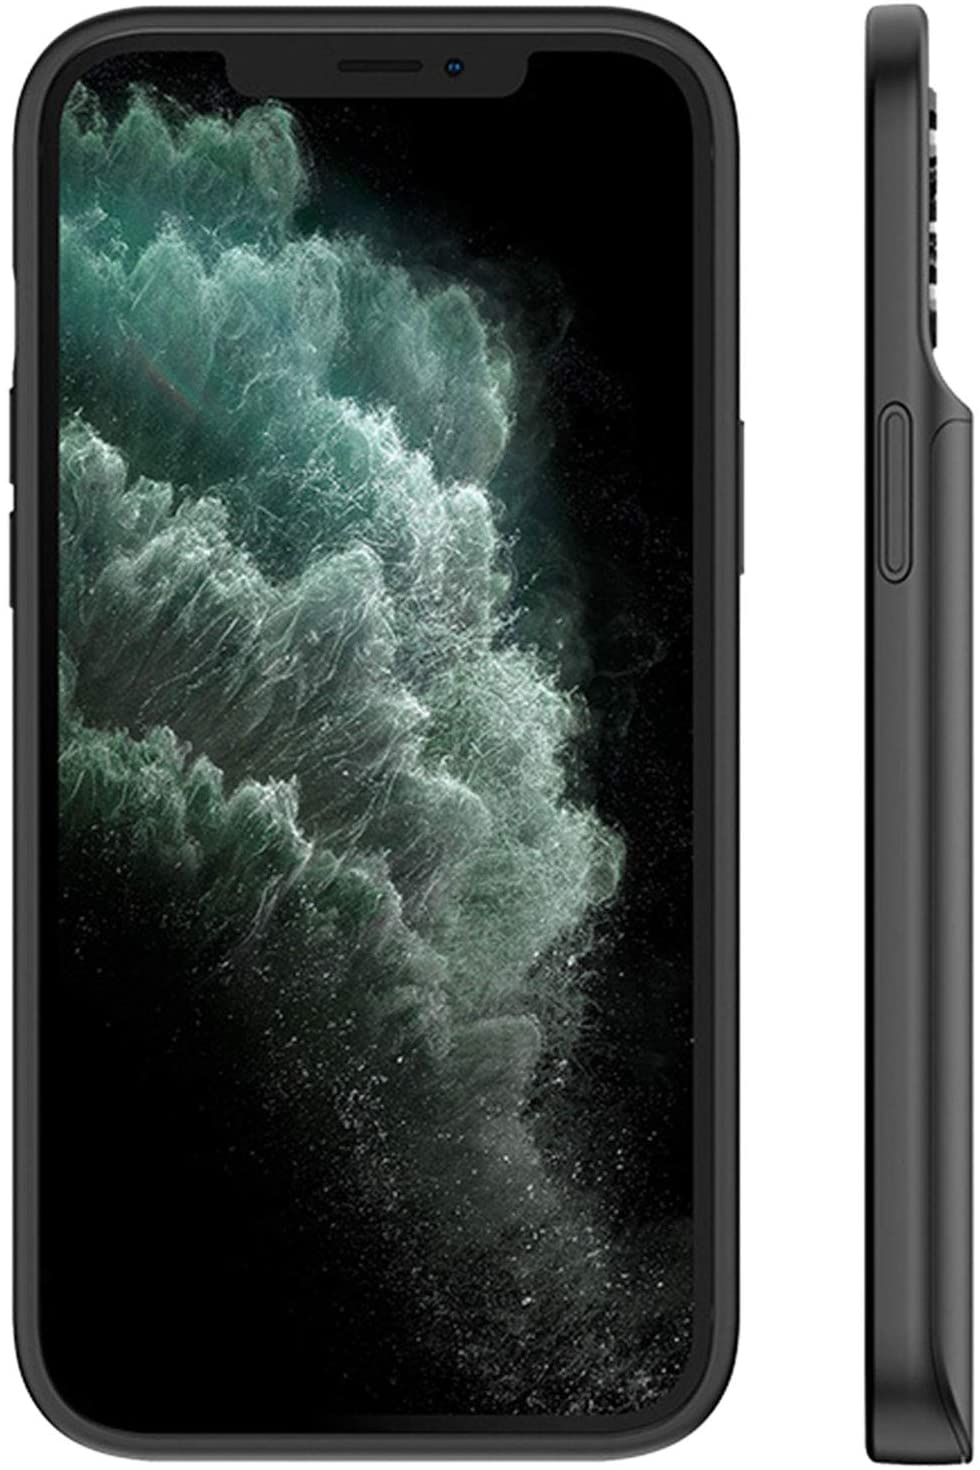 HiKiNS Funda Batería para iPhone 12 Mini 6800mAh Externa Ultra Batería Recargable Power Bank Case Funda Cargador Portatil Batería para iPhone 12 Mini